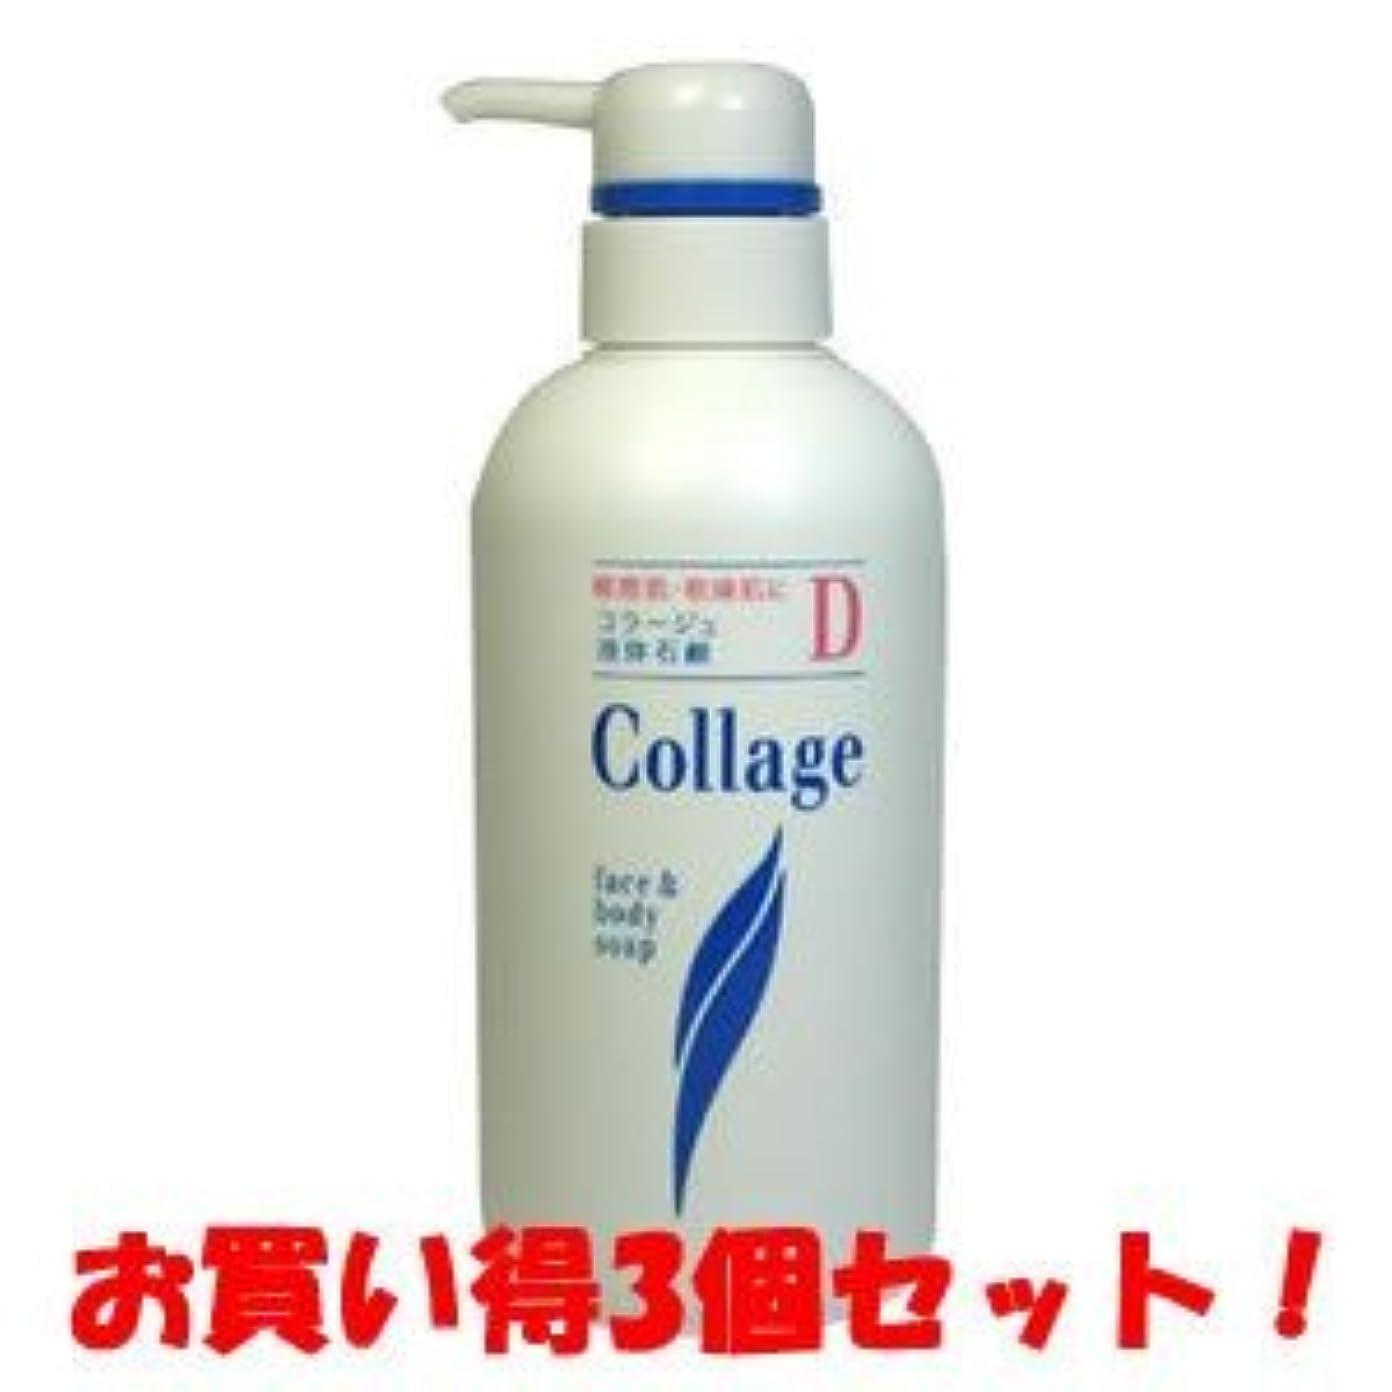 バングラデシュ常識障害(持田ヘルスケア)コラージュD 液体石鹸 敏感肌?乾燥肌 400ml(お買い得3個セット)